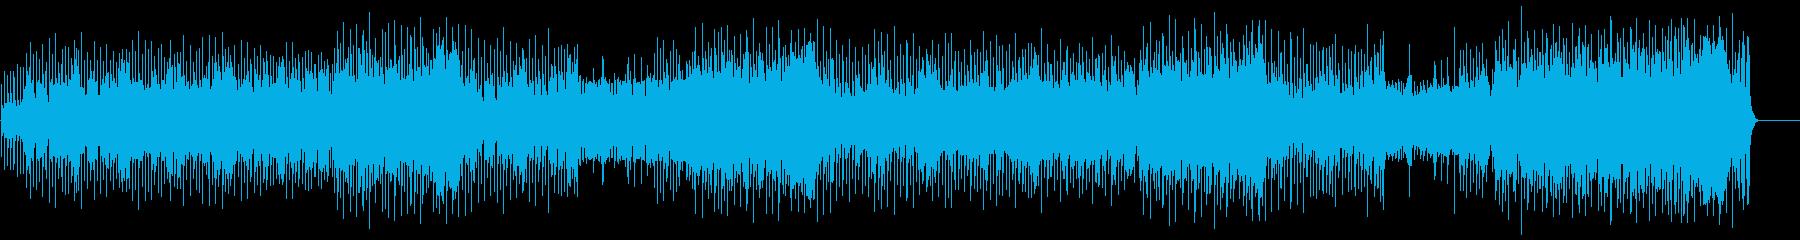 愉快で夢のあるポップ(フルサイズ)の再生済みの波形